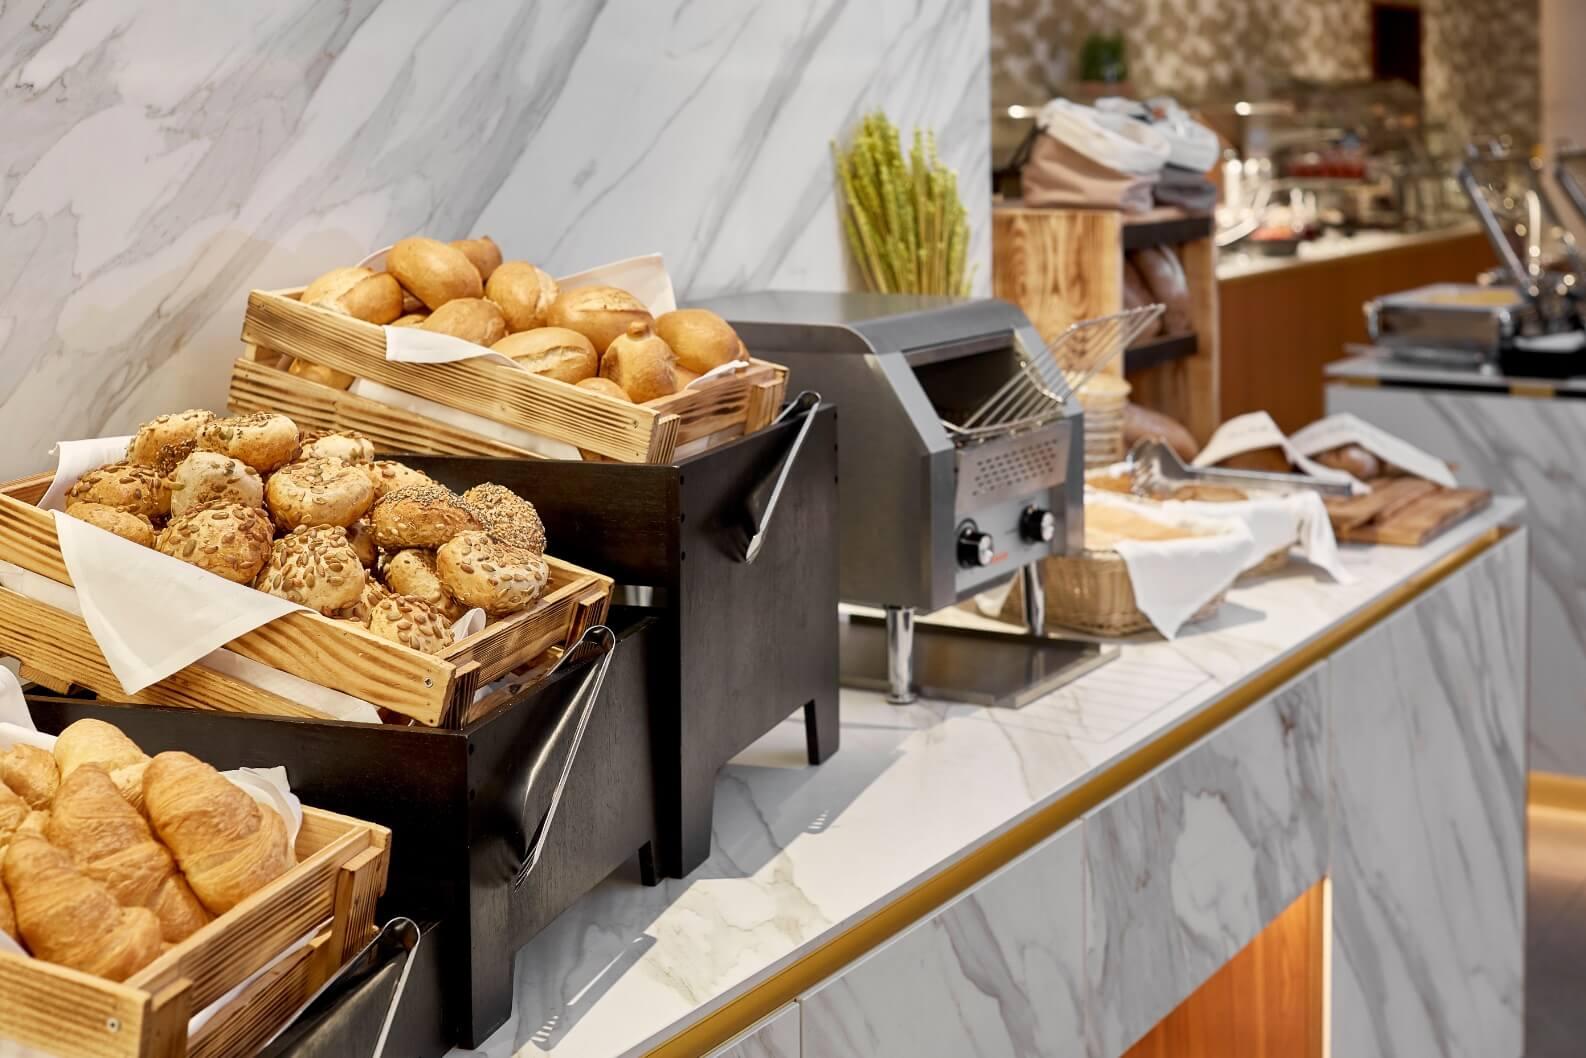 h-hotels_Restaurant-09-hyperion-hotel-berlin_Original-kommerz.-Nutzung-_30bbf391@2x